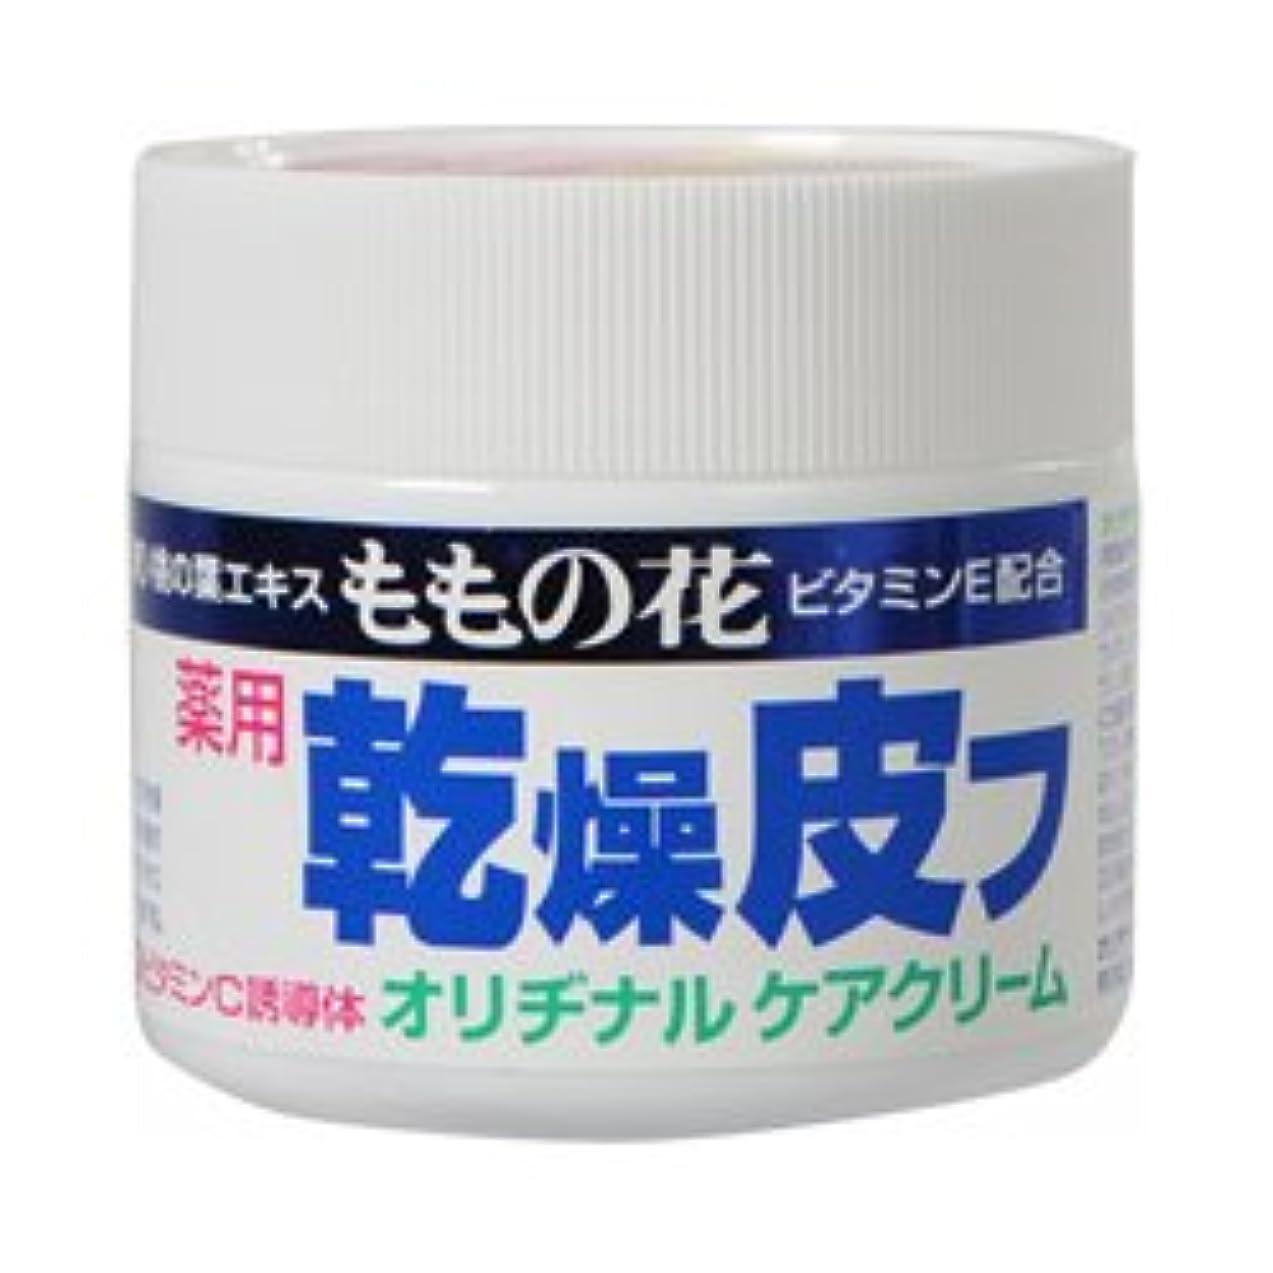 アジア主貧しい【オリヂナル】ももの花乾燥皮フクリームC 70g ×10個セット